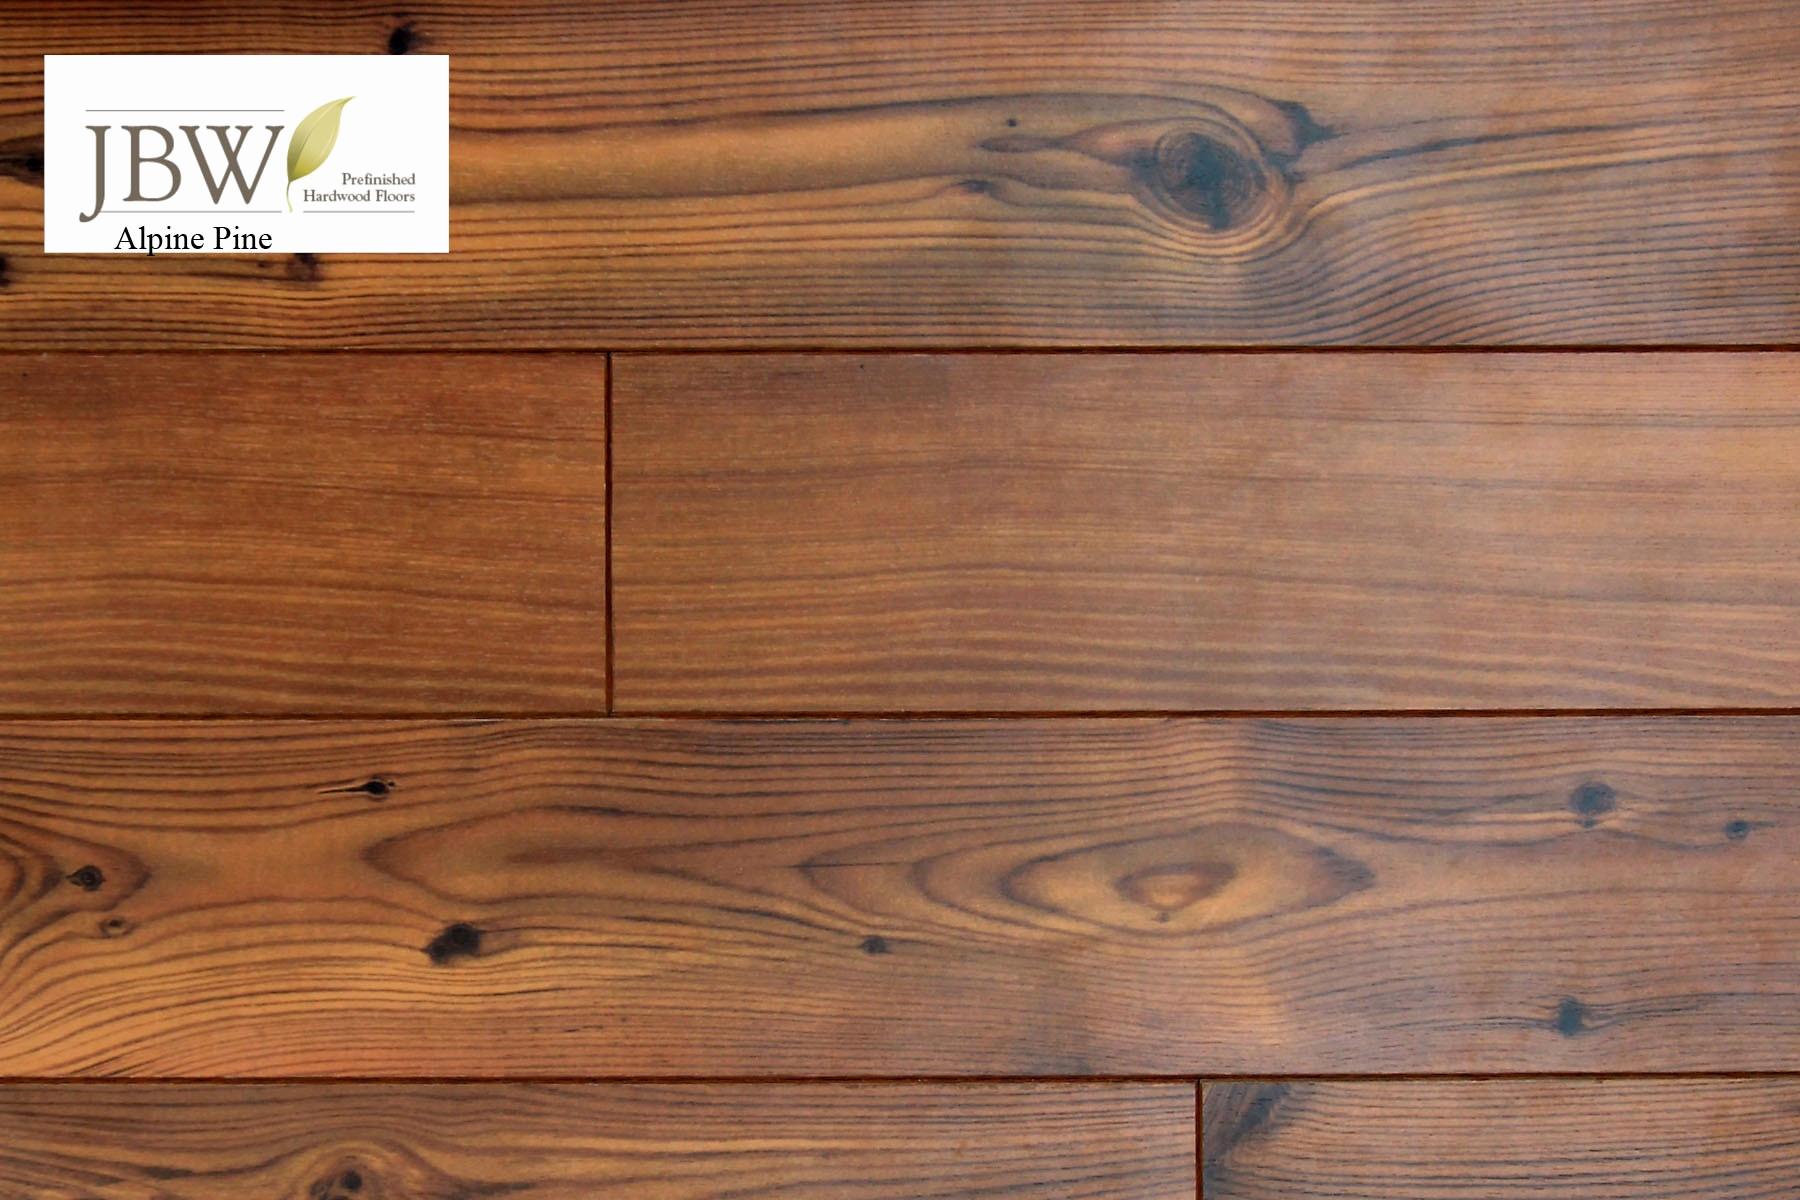 hardwood floors vs wood look tile of alpine flooring 50 unique wood look tile flooring 50 s floor with alpine flooring 50 unique wood look tile flooring 50 s